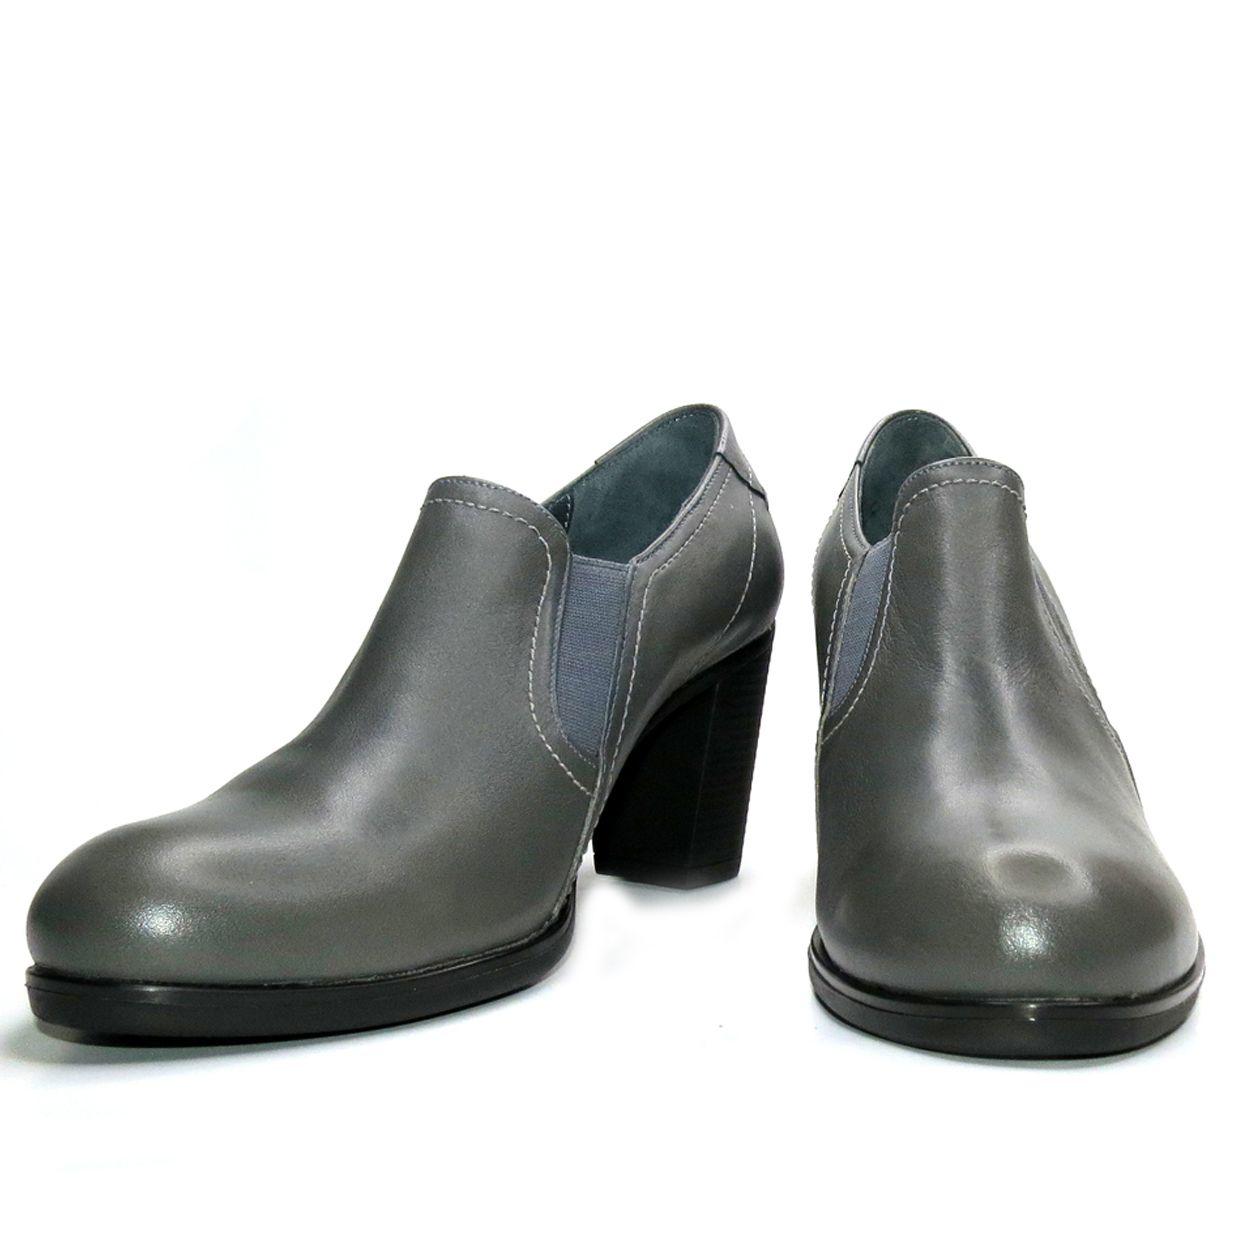 کفش زنانه آر اند دبلیو مدل 487 رنگ طوسی -  - 4